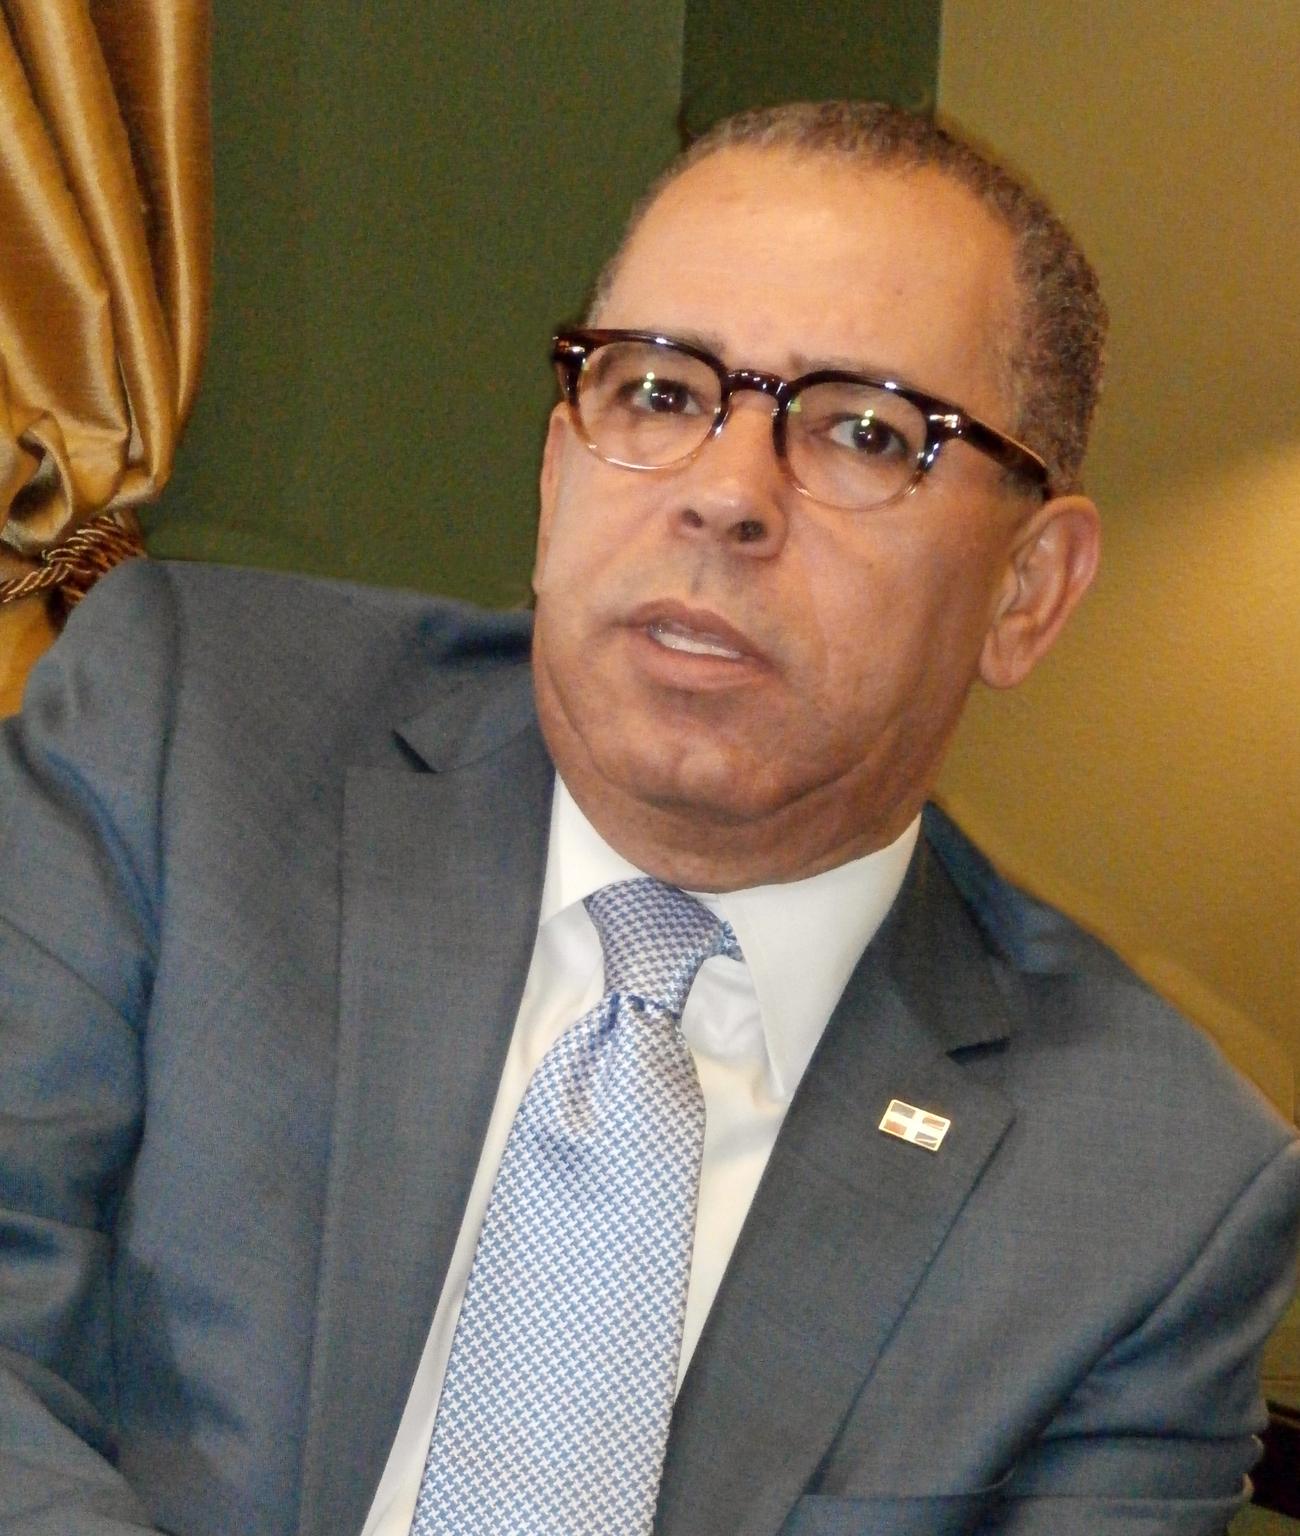 Embajador ante la ONU anuncia actividad sobre programas sociales de la presidencia